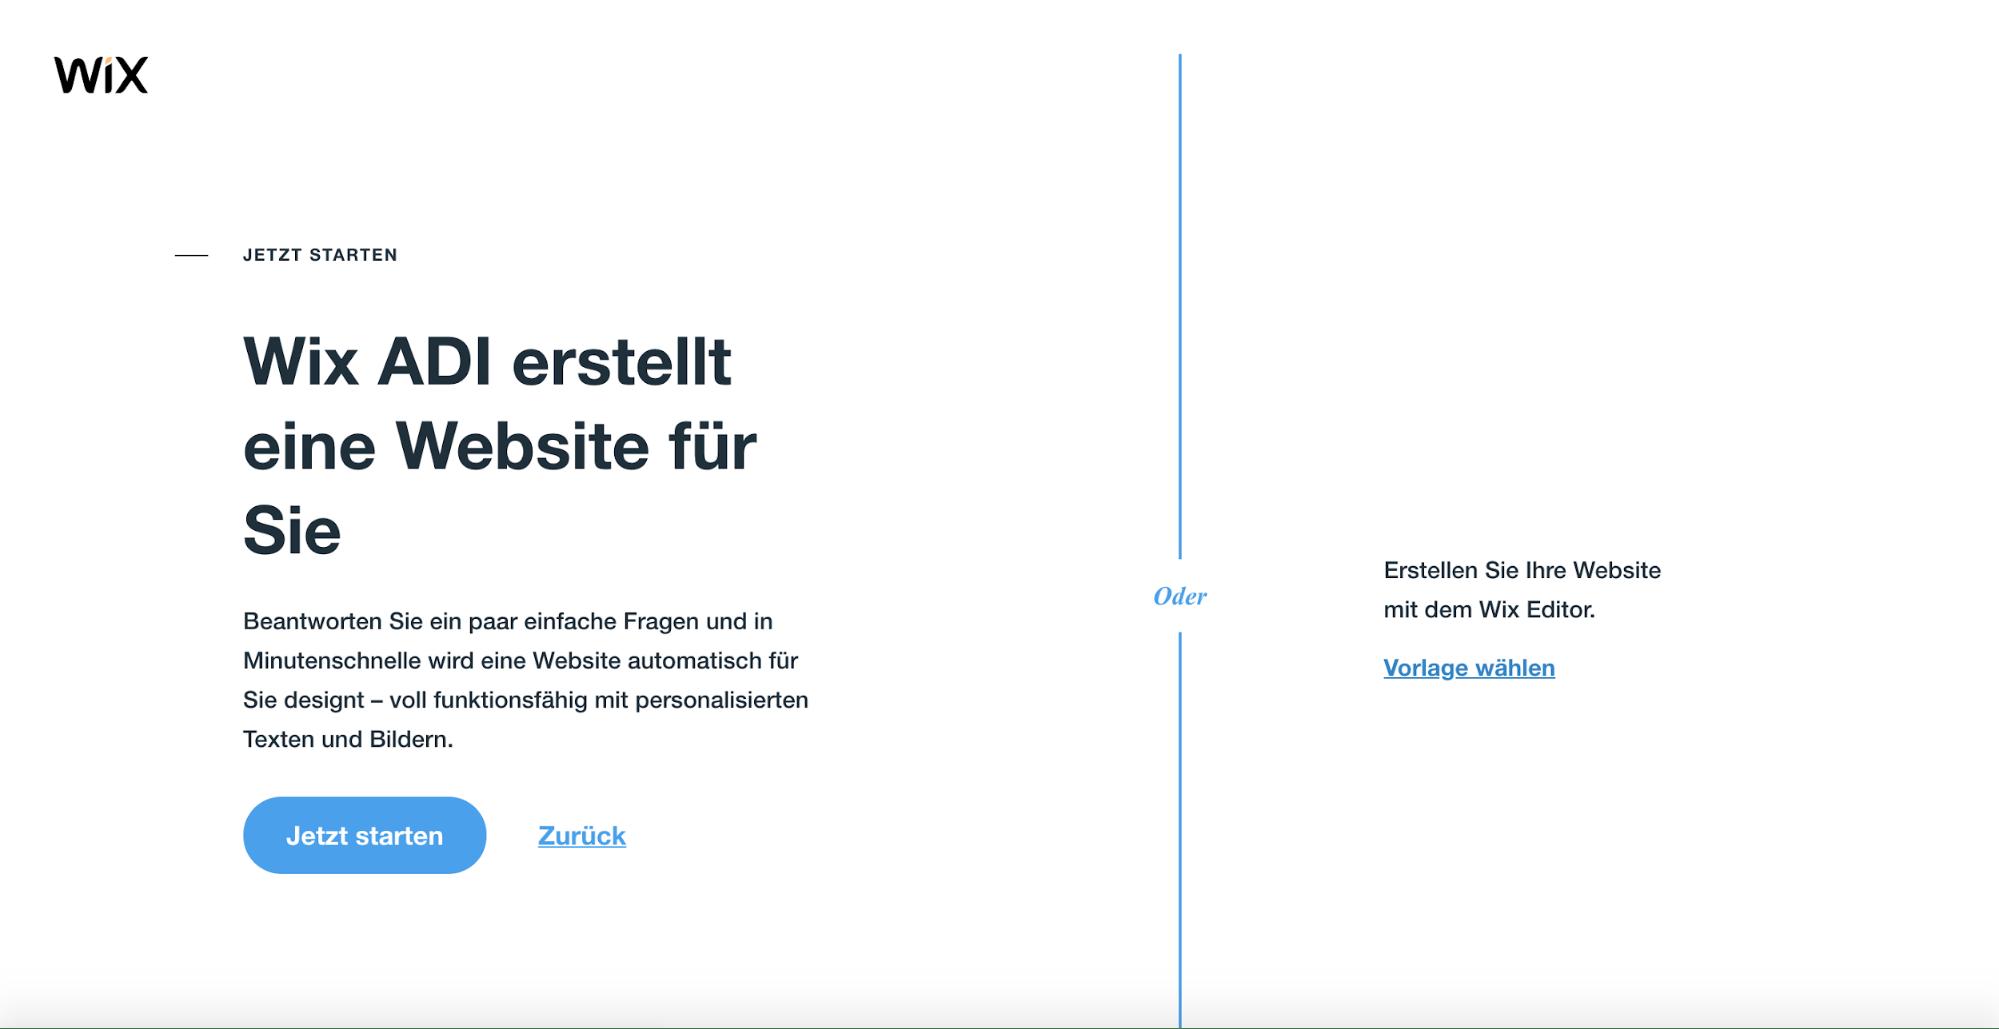 Kostenlose Website erstellen mit Wix - Schritt 2